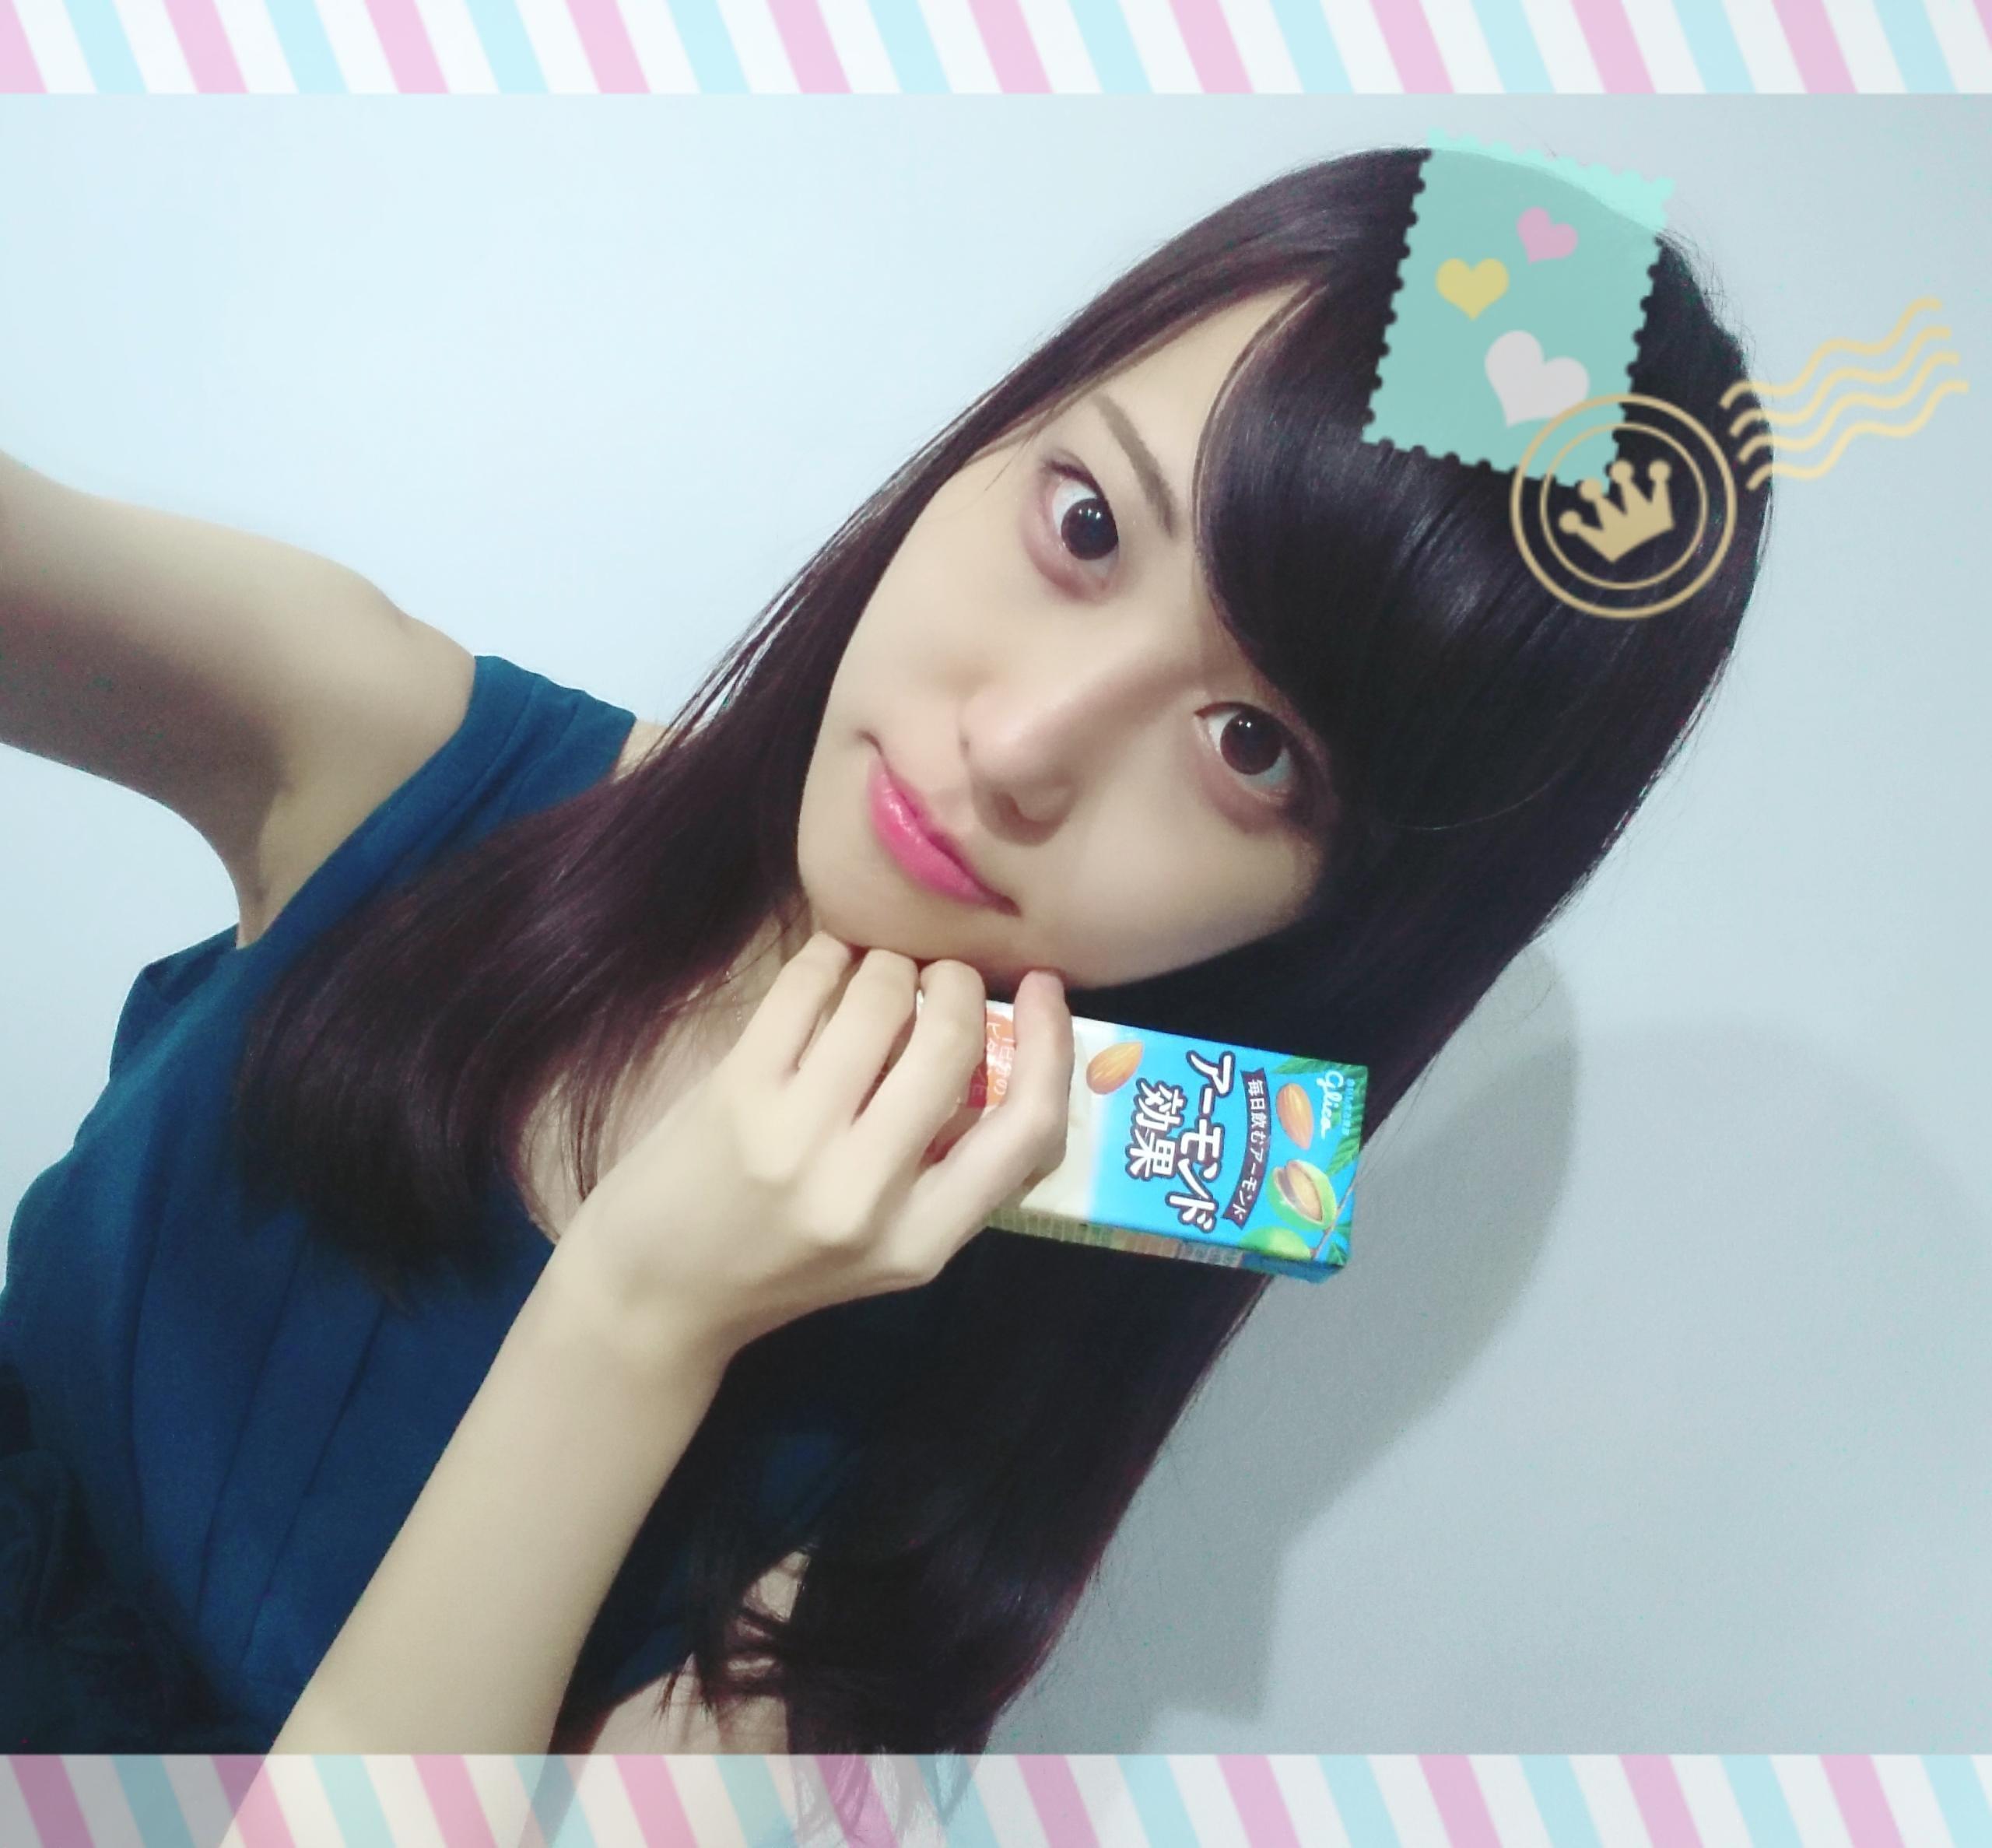 「ごっくん?」08/21(火) 14:51 | 梨里花(りりか)の写メ・風俗動画